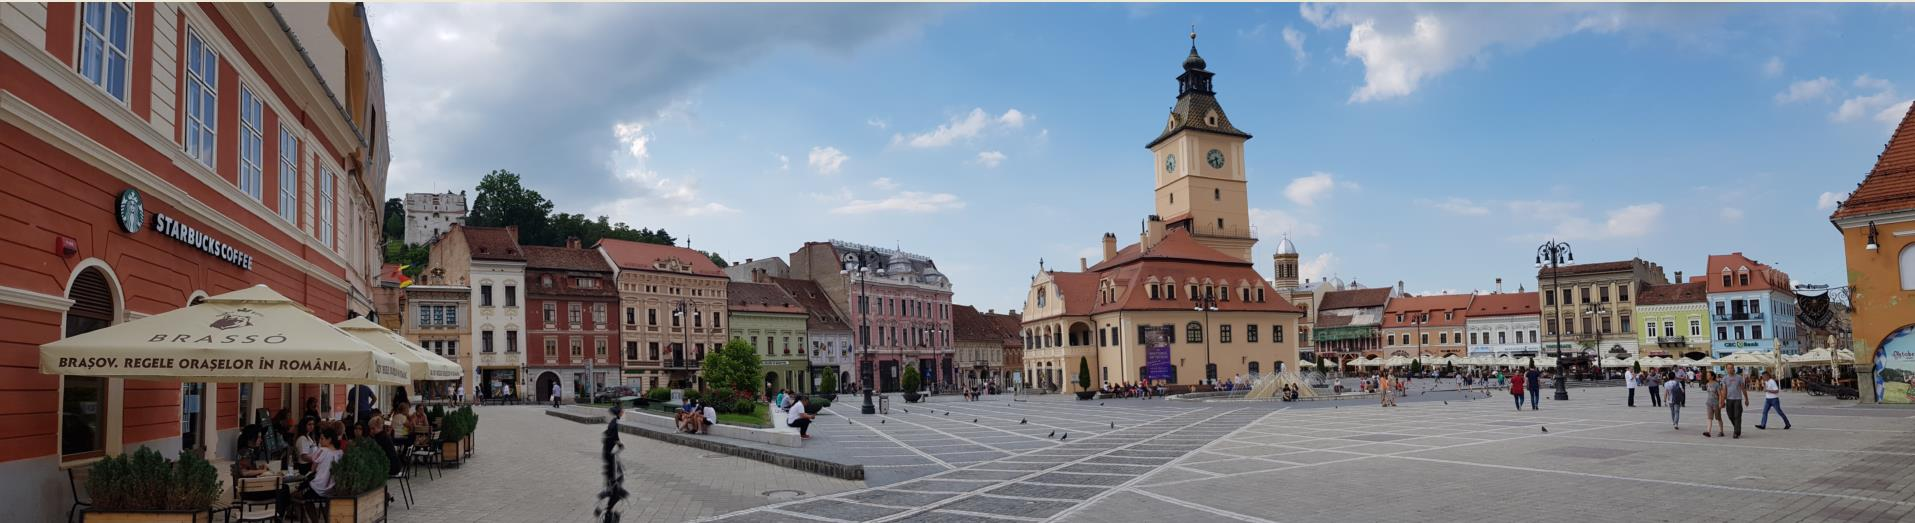 Brasov, Piata Sfatului